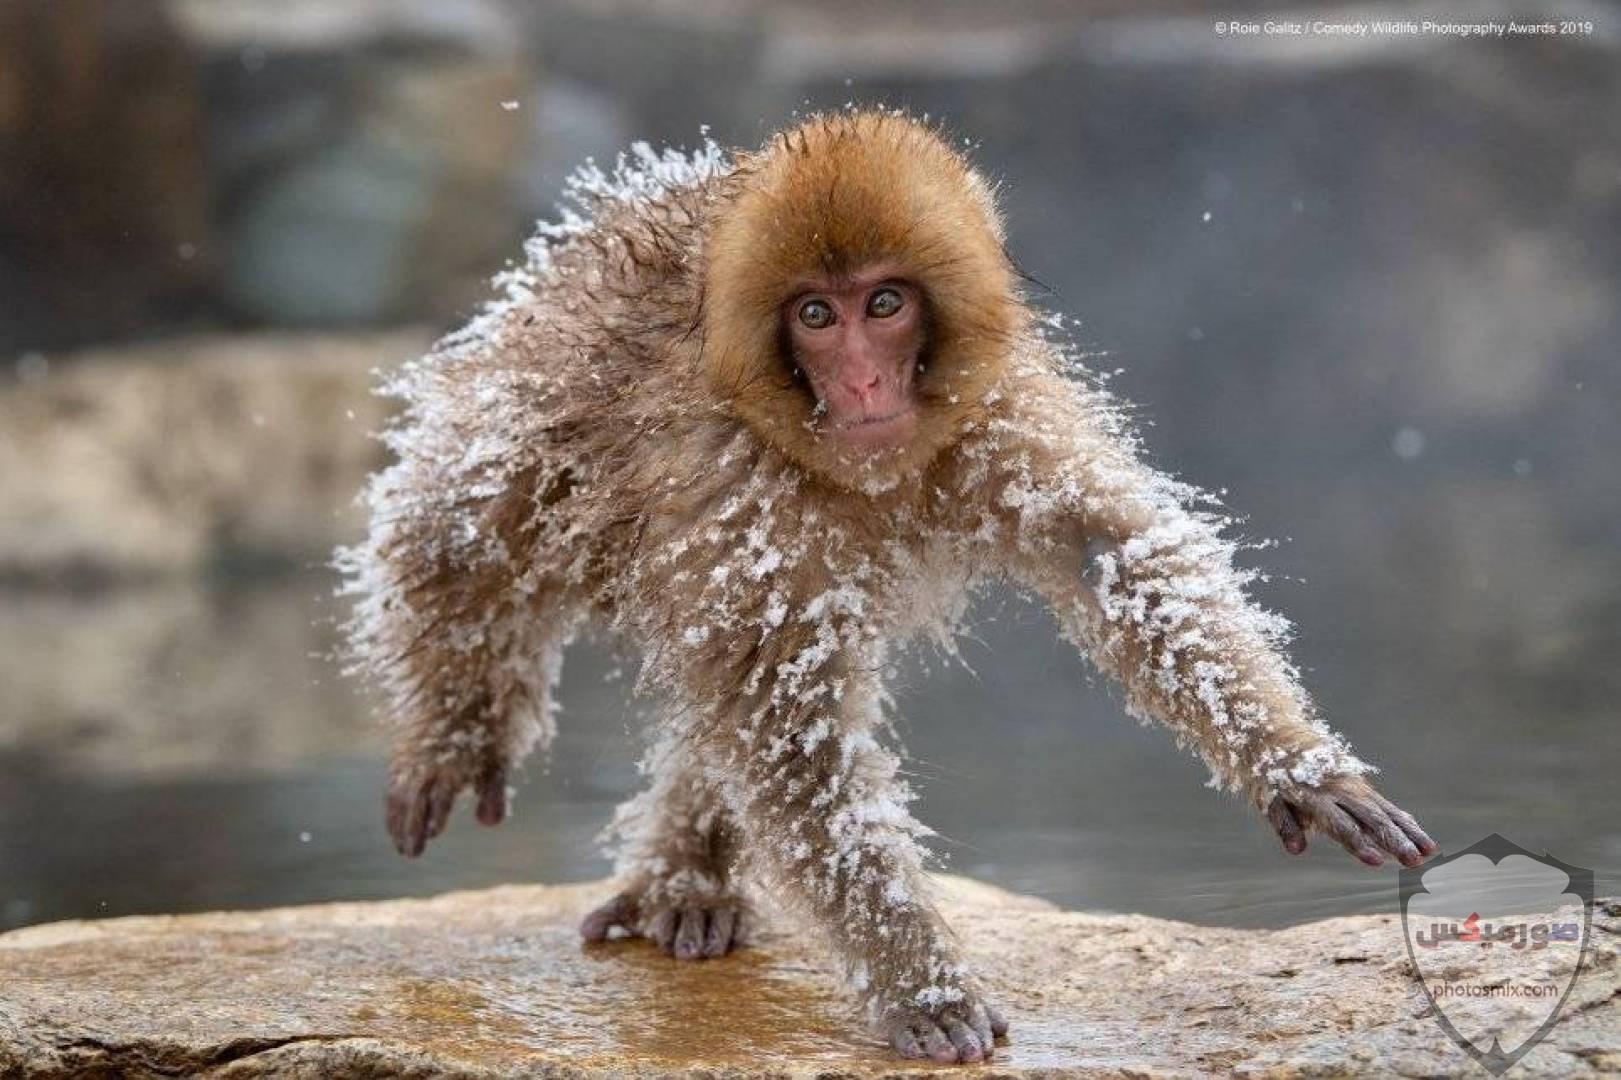 صور حيوانات مضحكة فيديوهات حيوانات مضحكة جدا 2020 6